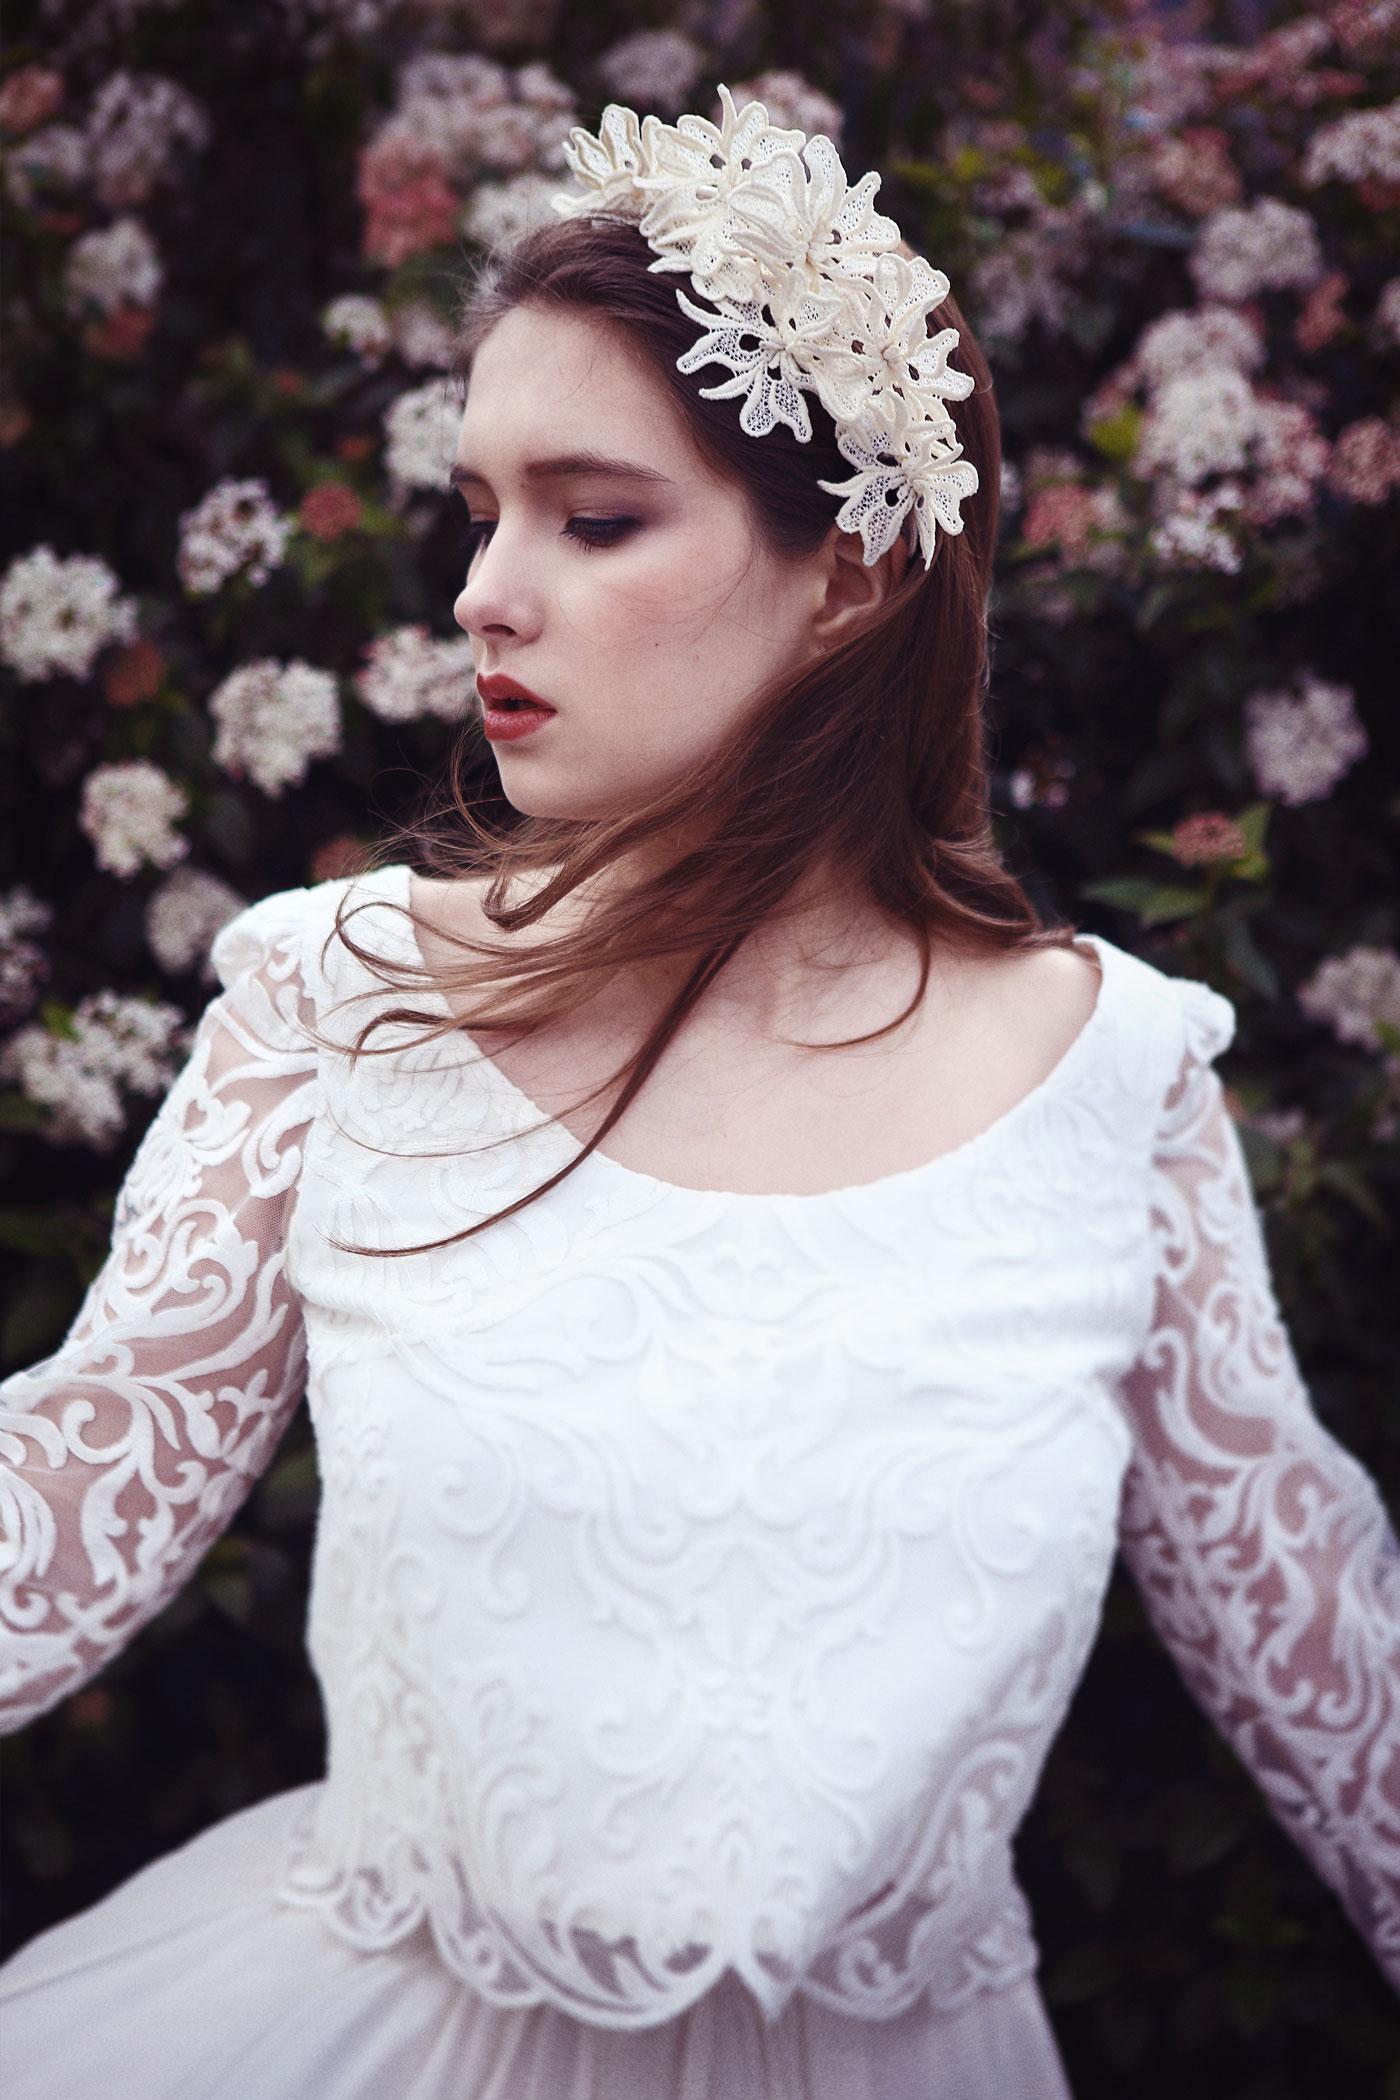 Sur les merveilles des nuitsSur le pain blanc des journéesSur les saisons fiancéesJ'écris ton nom. - LibertéPaul Éluard